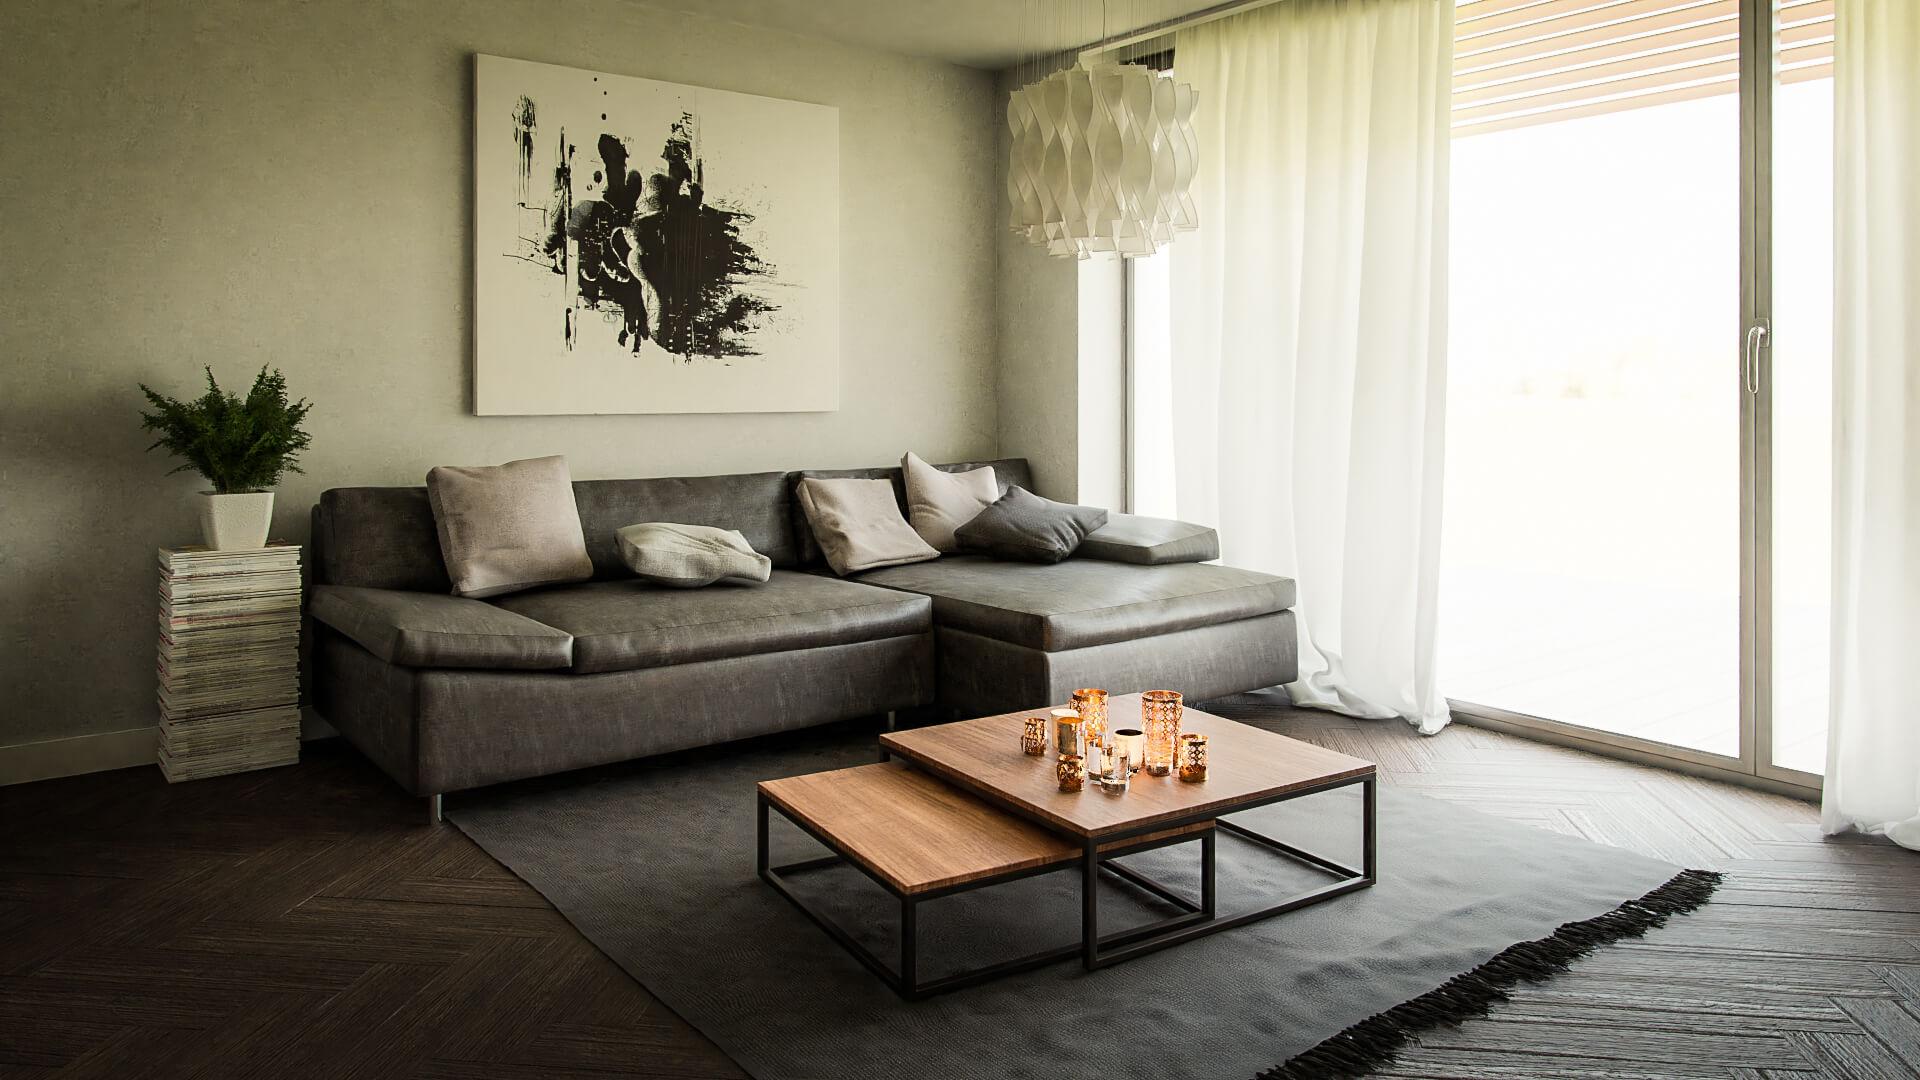 Predané: Novostavba bungalov radovka, 4 izbový, pozemok 300m2, užitkova 75m2-8